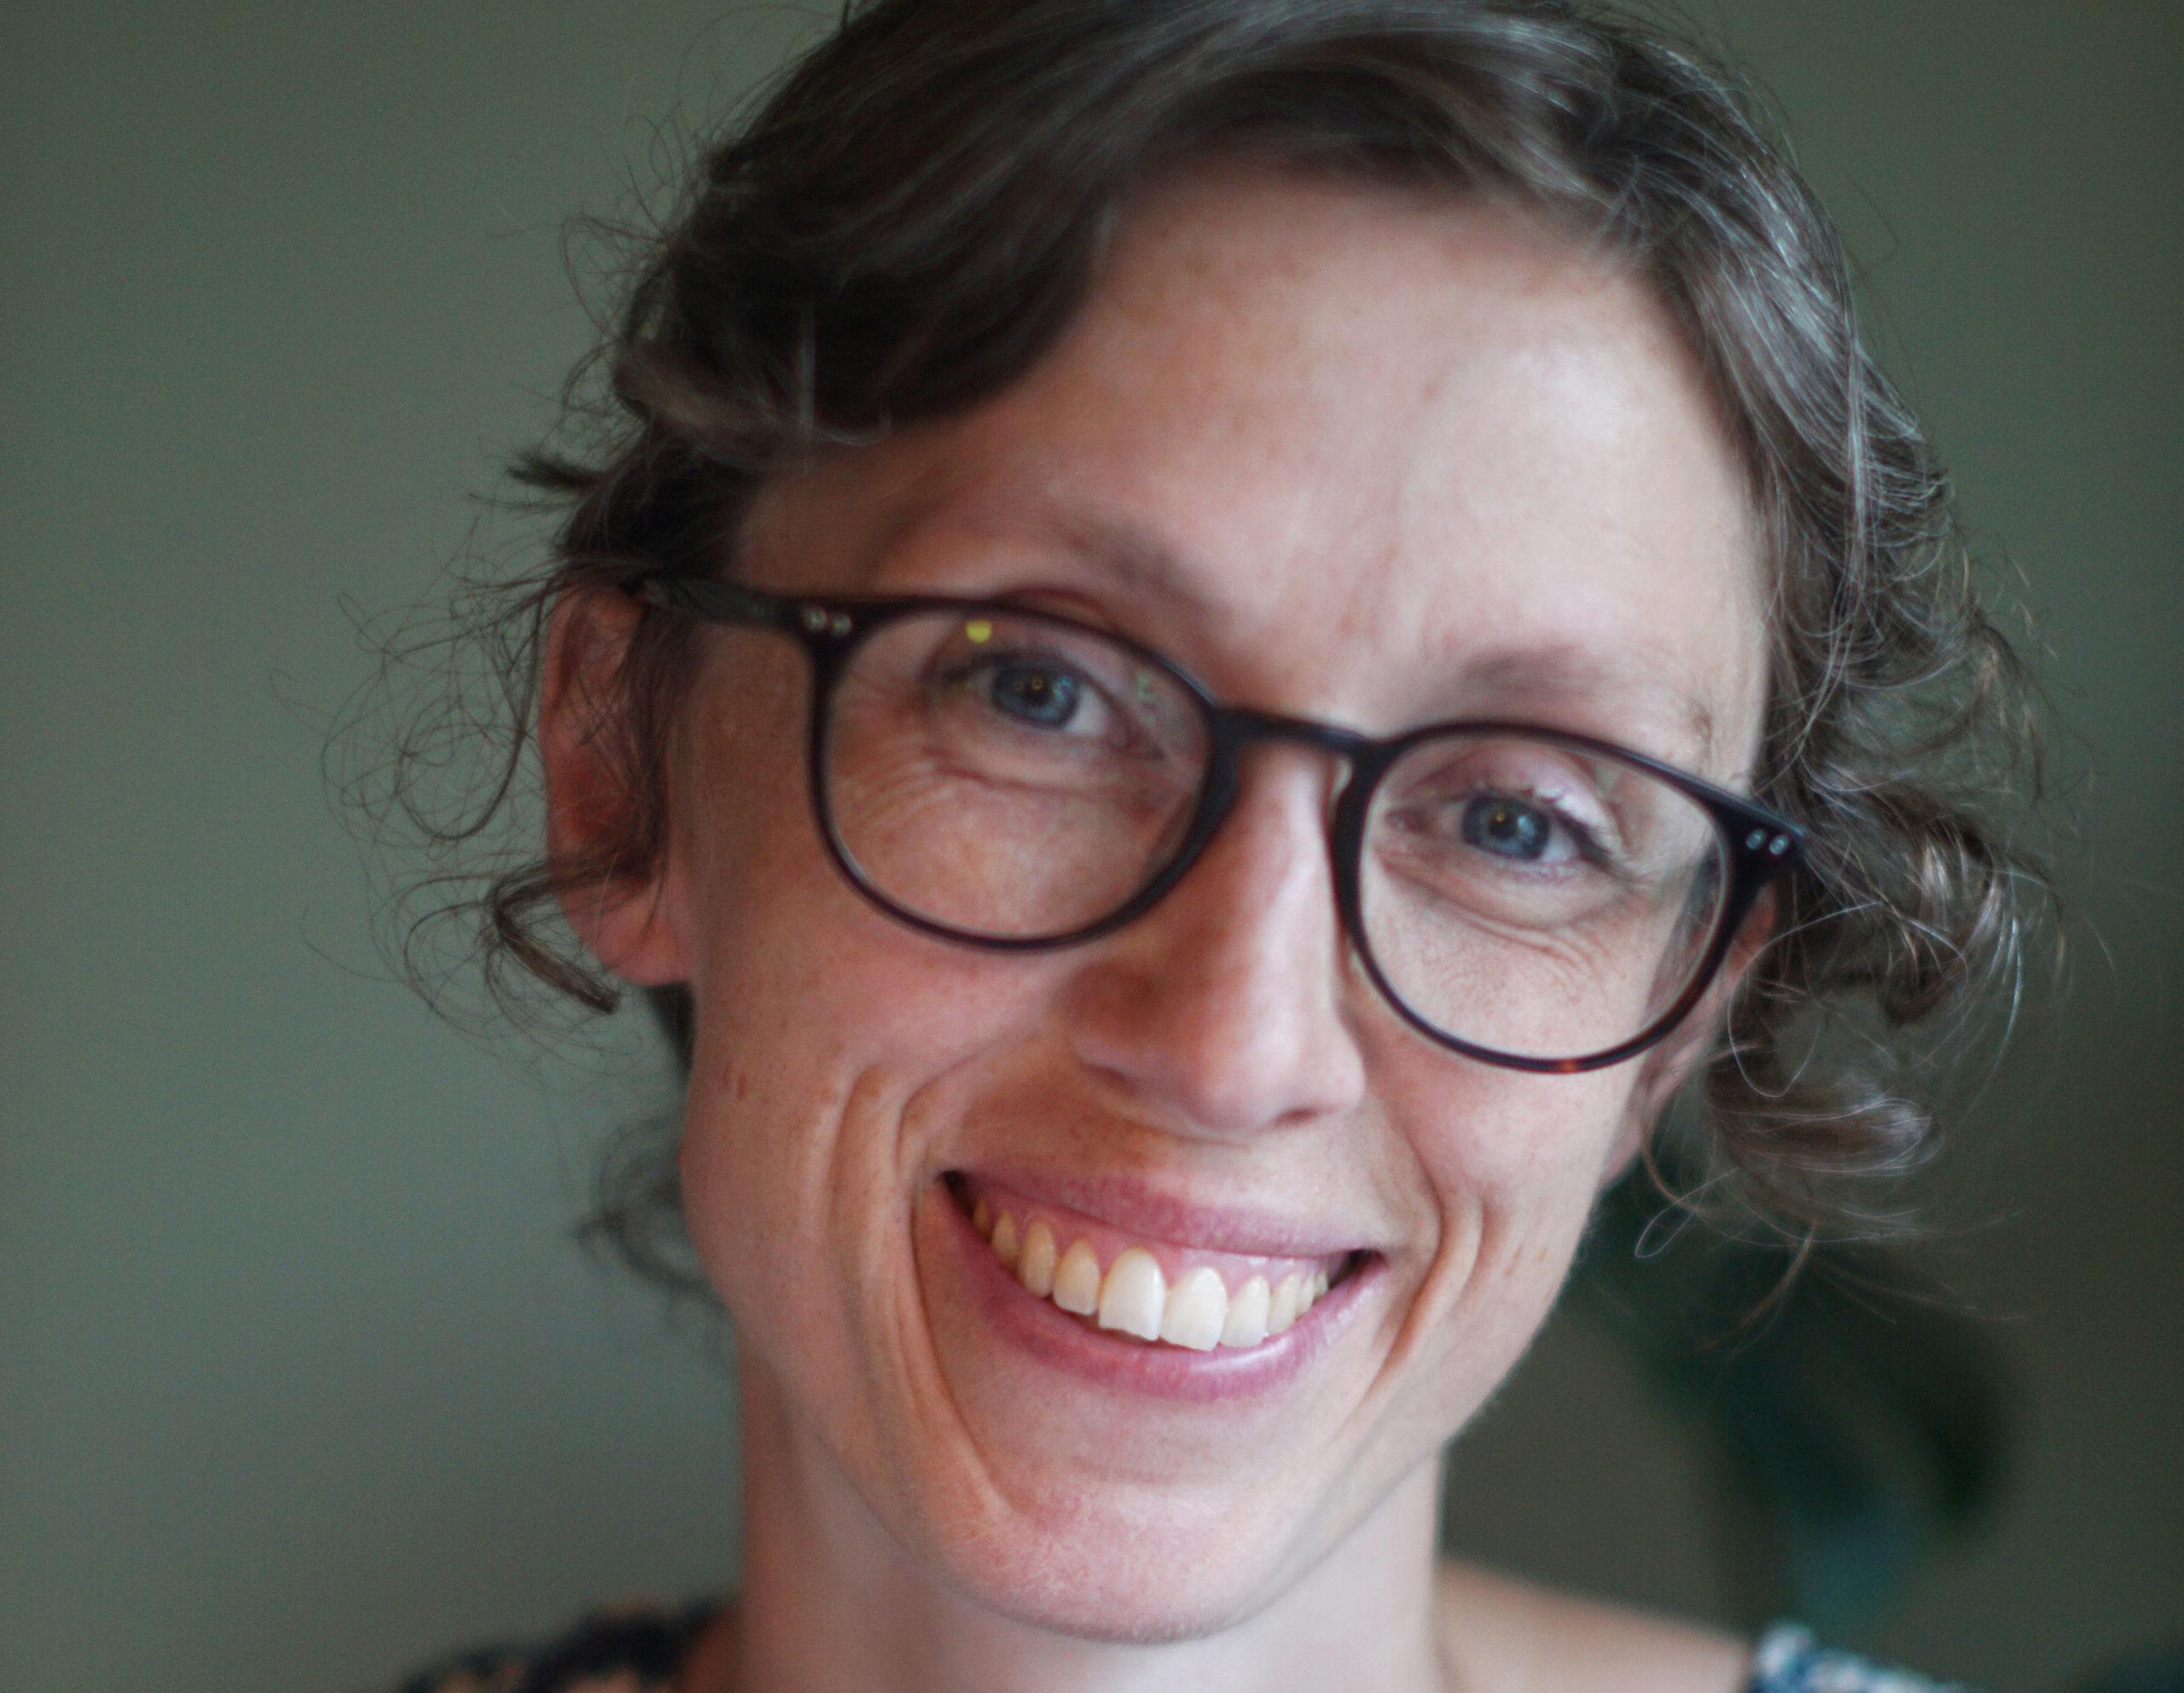 Anita  Grønningsæter  Digernes  er  ny  redaktør  i  Norsk  Tidend